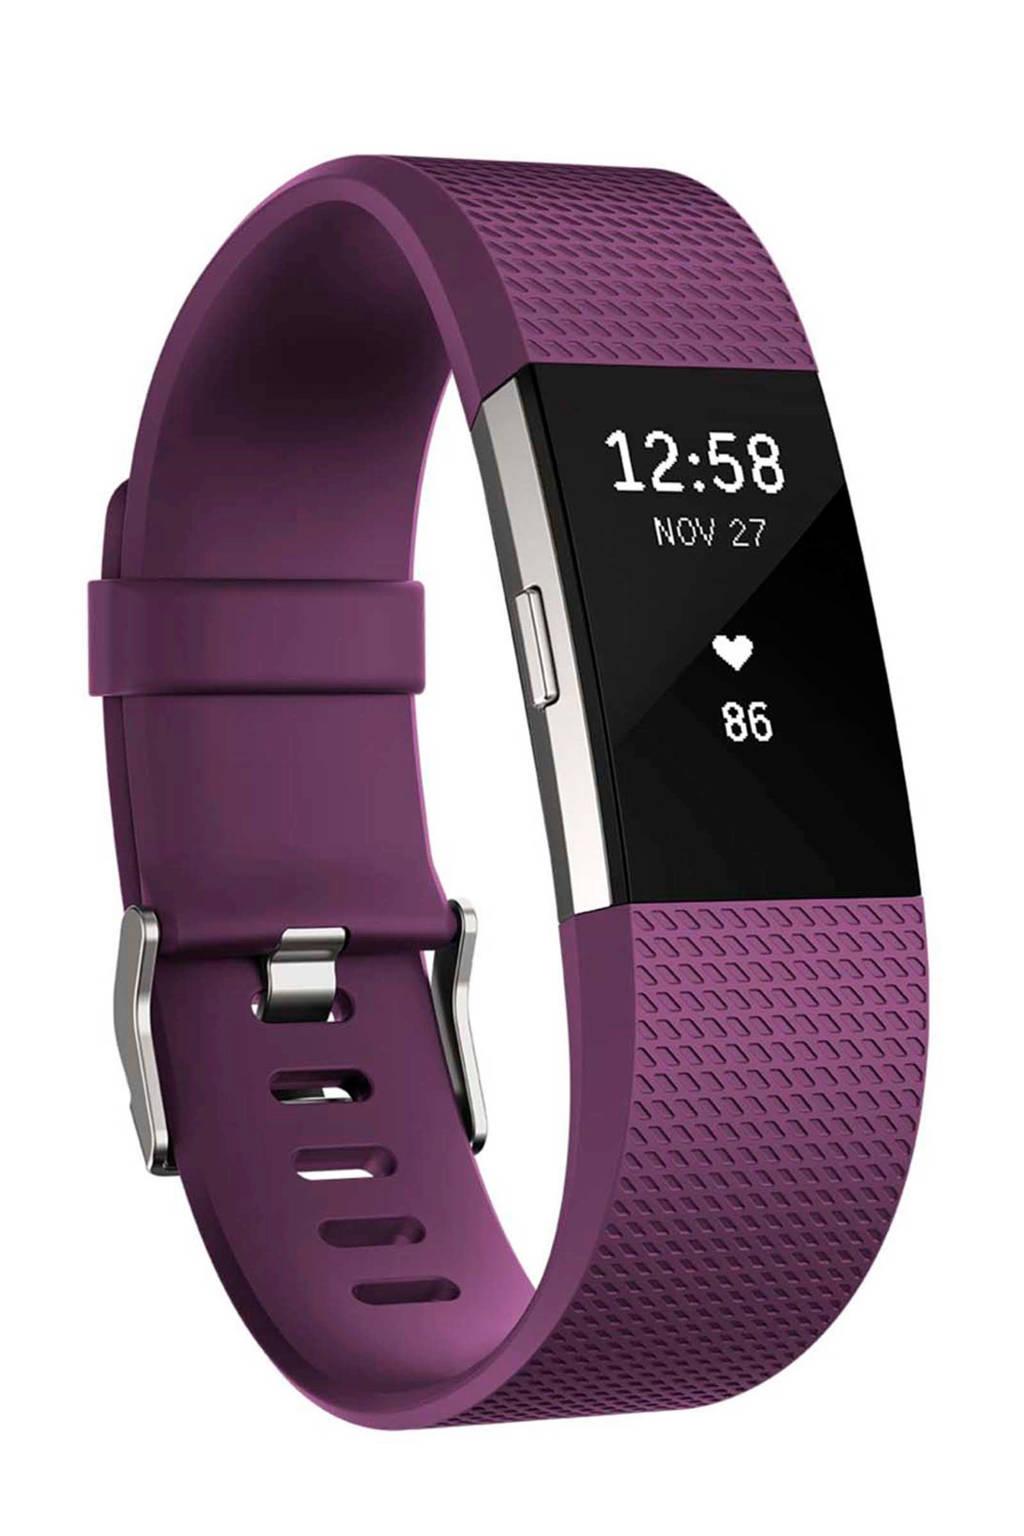 Fitbit Charge 2 activiteiten tracker (maat S), Paars